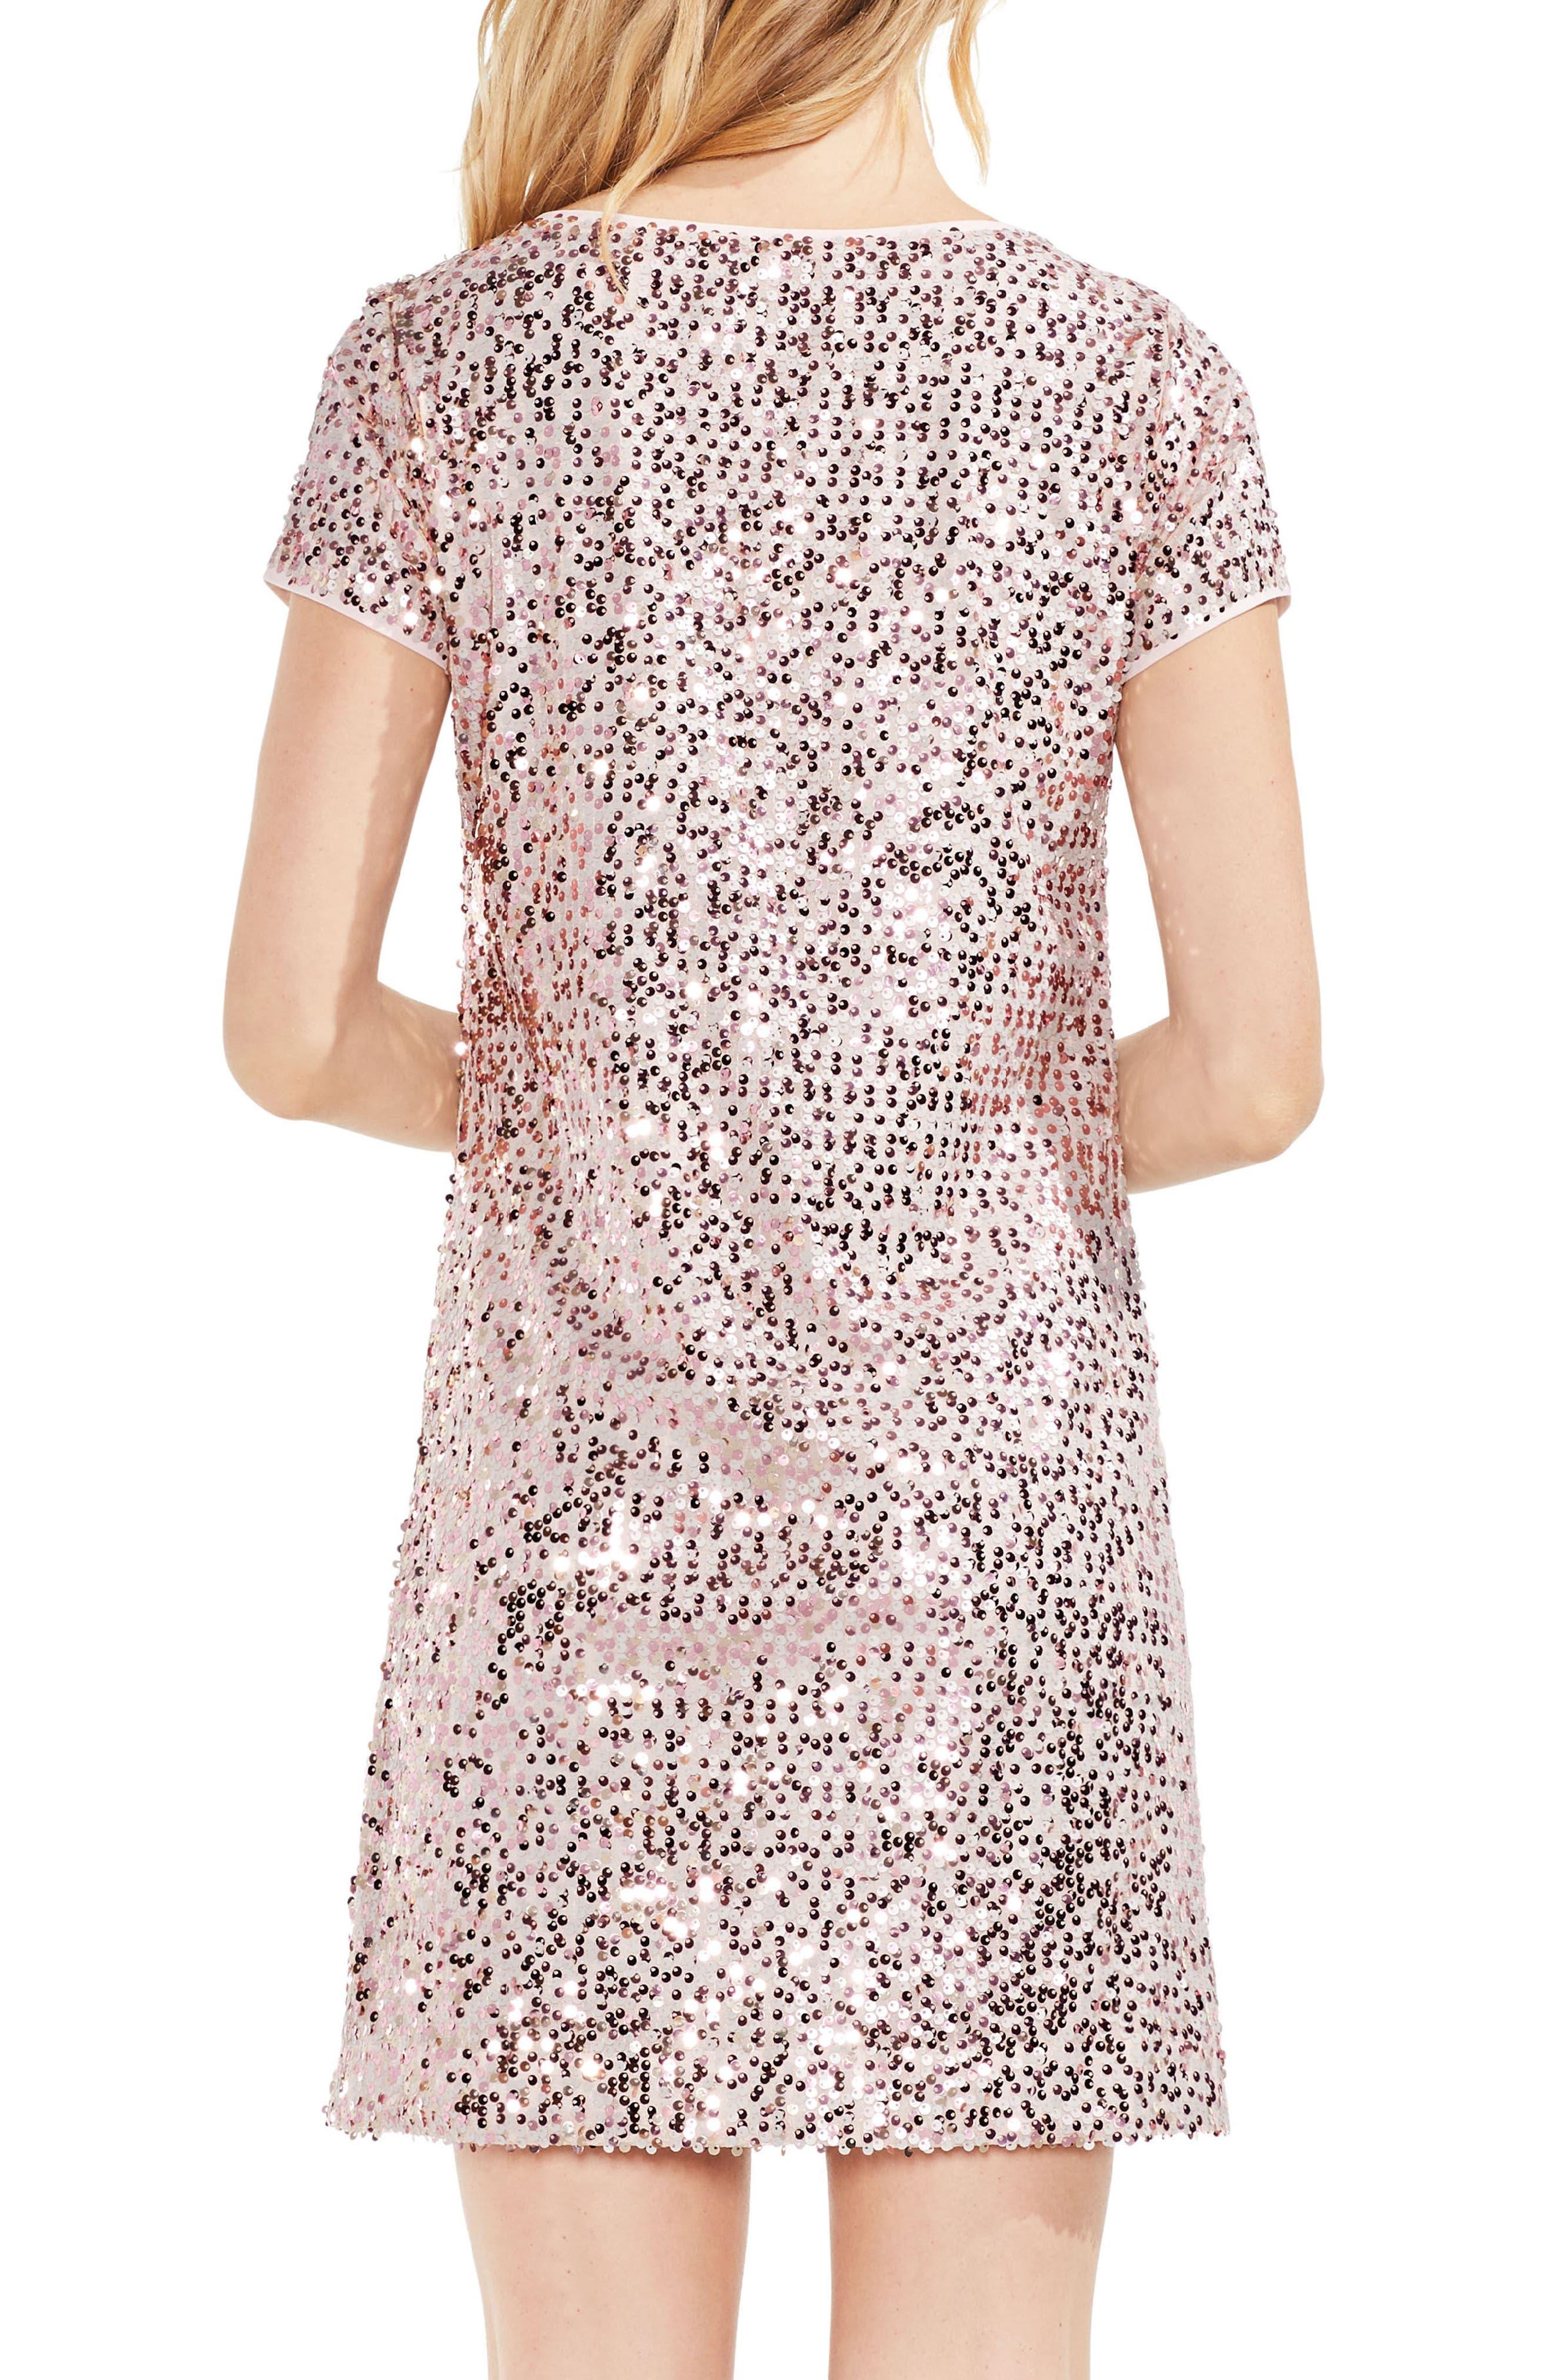 Alternate Image 2  - Vince Camuto Paillette Sequin Minidress